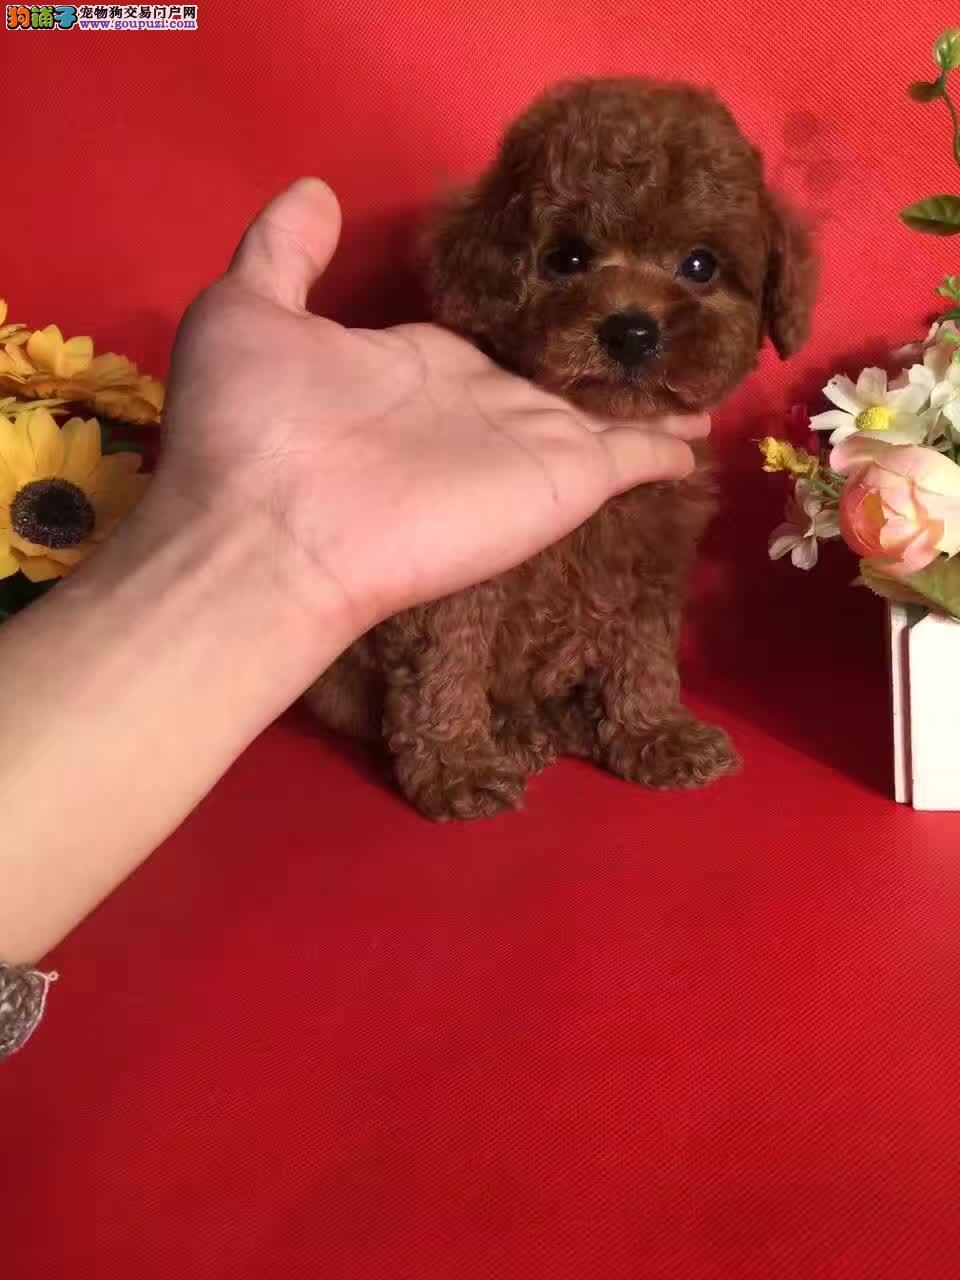 上海正规犬舍出售高品质茶杯体泰迪玩具泰迪各色都有